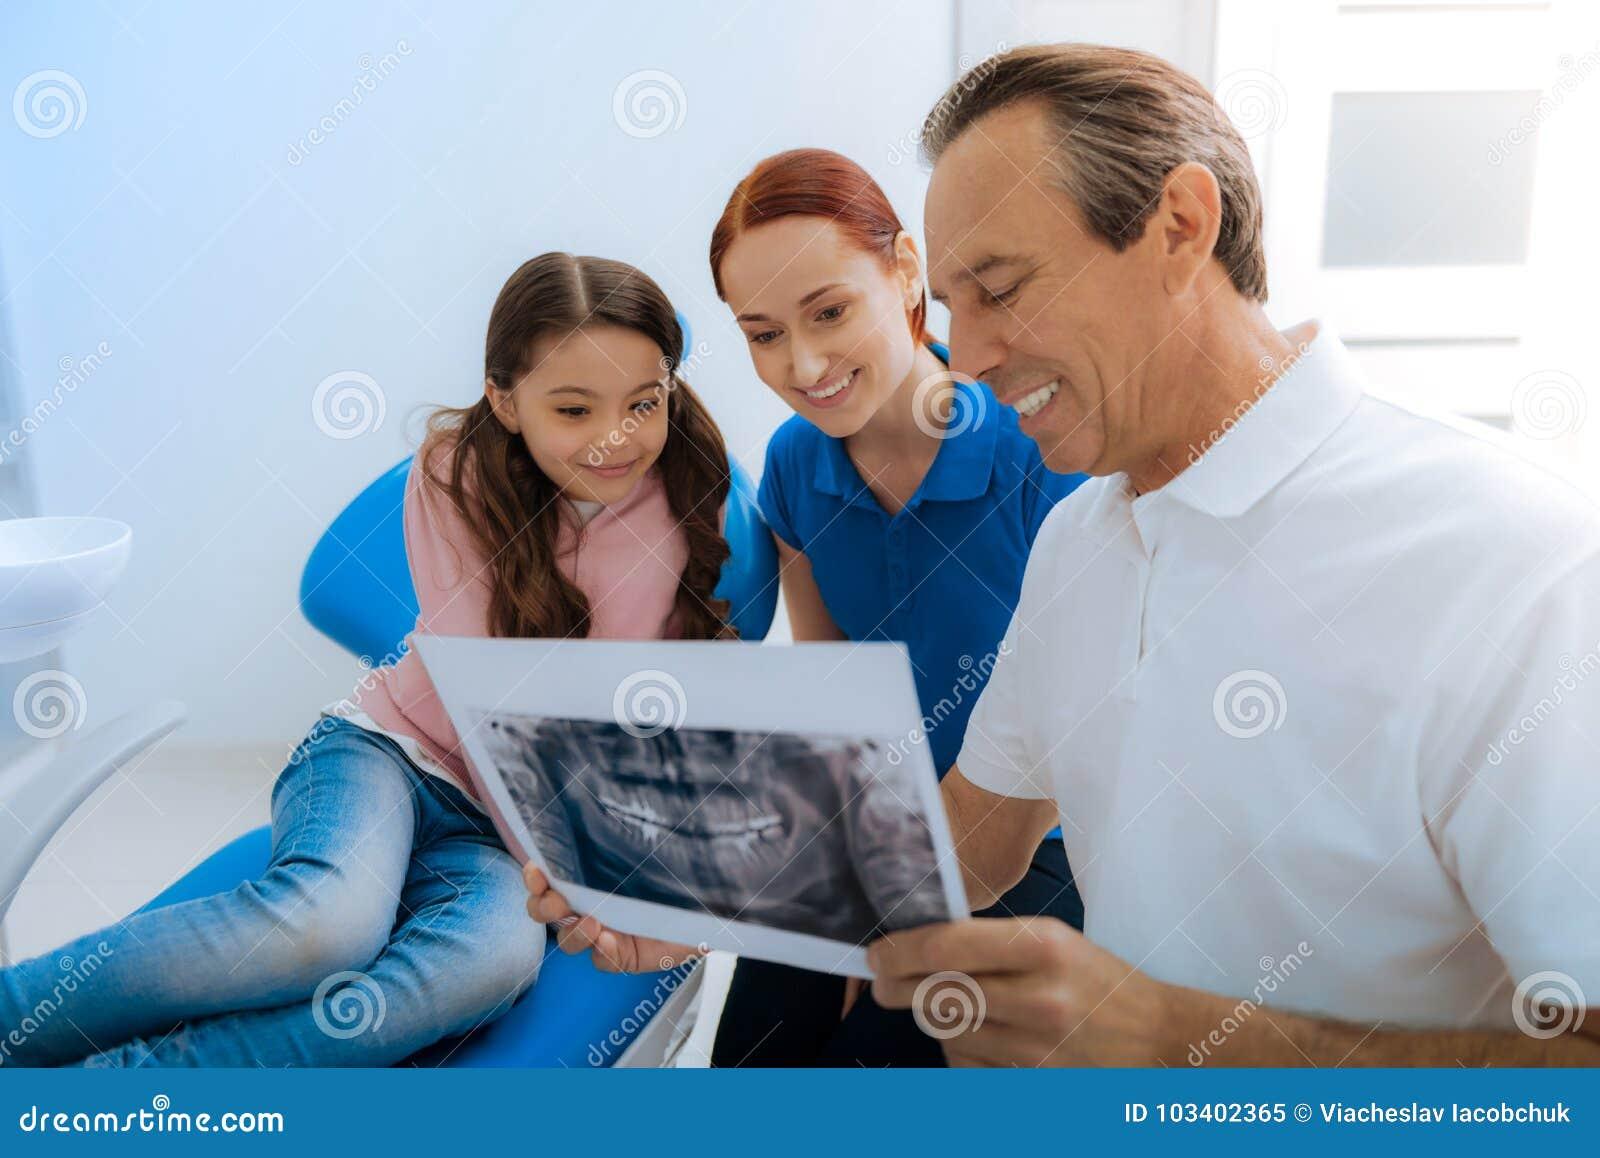 显示X光芒照片的正面好医生对他的患者